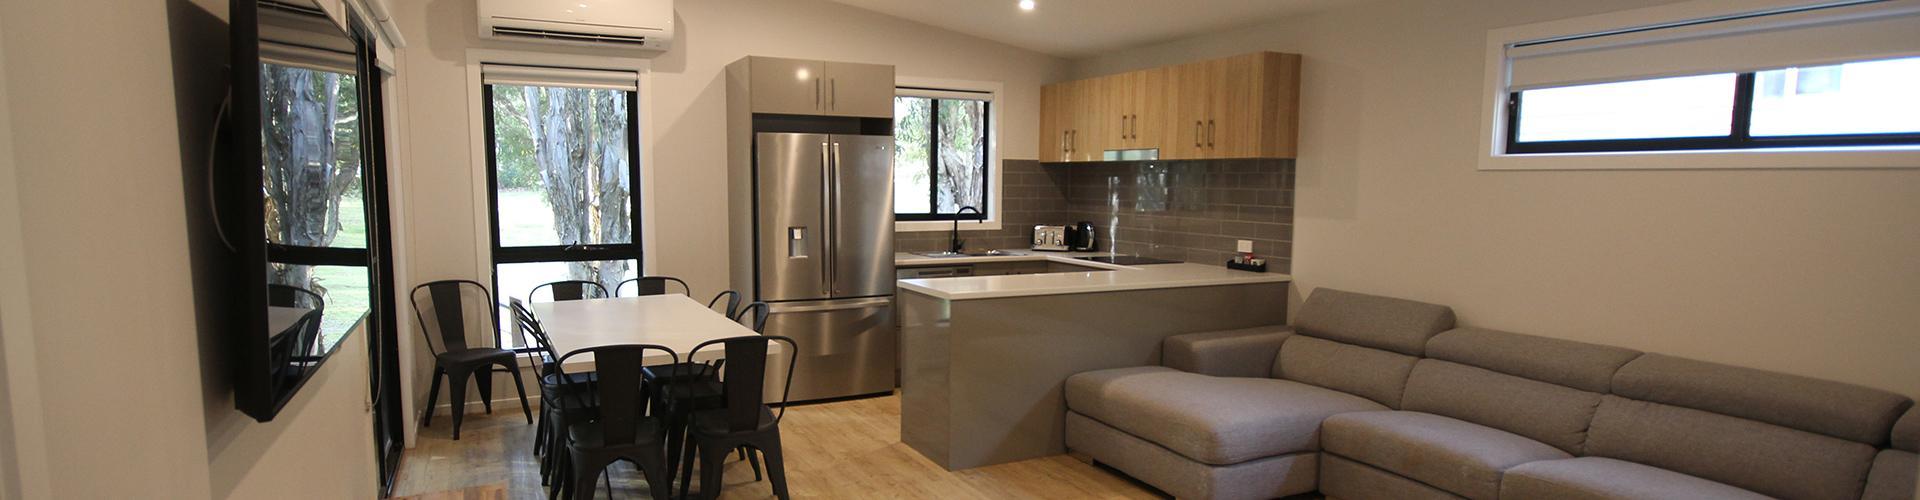 BIG4 Yarra Valley Park Lane Holiday Park - 3 Bedroom Condo - Living